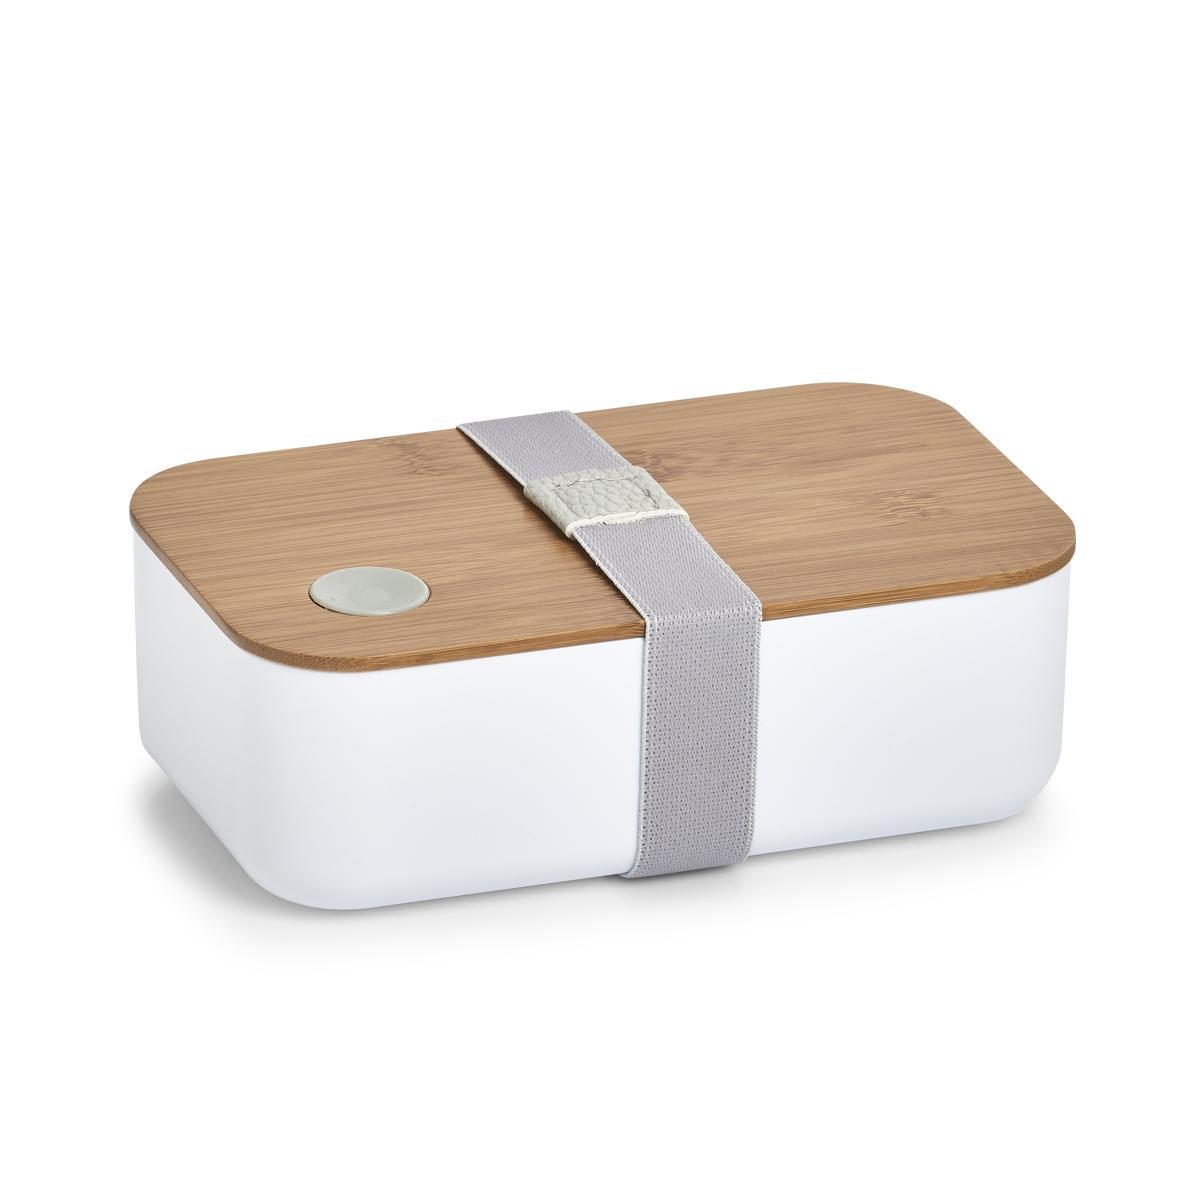 Cutie pentru depozitare Bamboo Alb, L19,3xl11,8xH6,8 cm poza